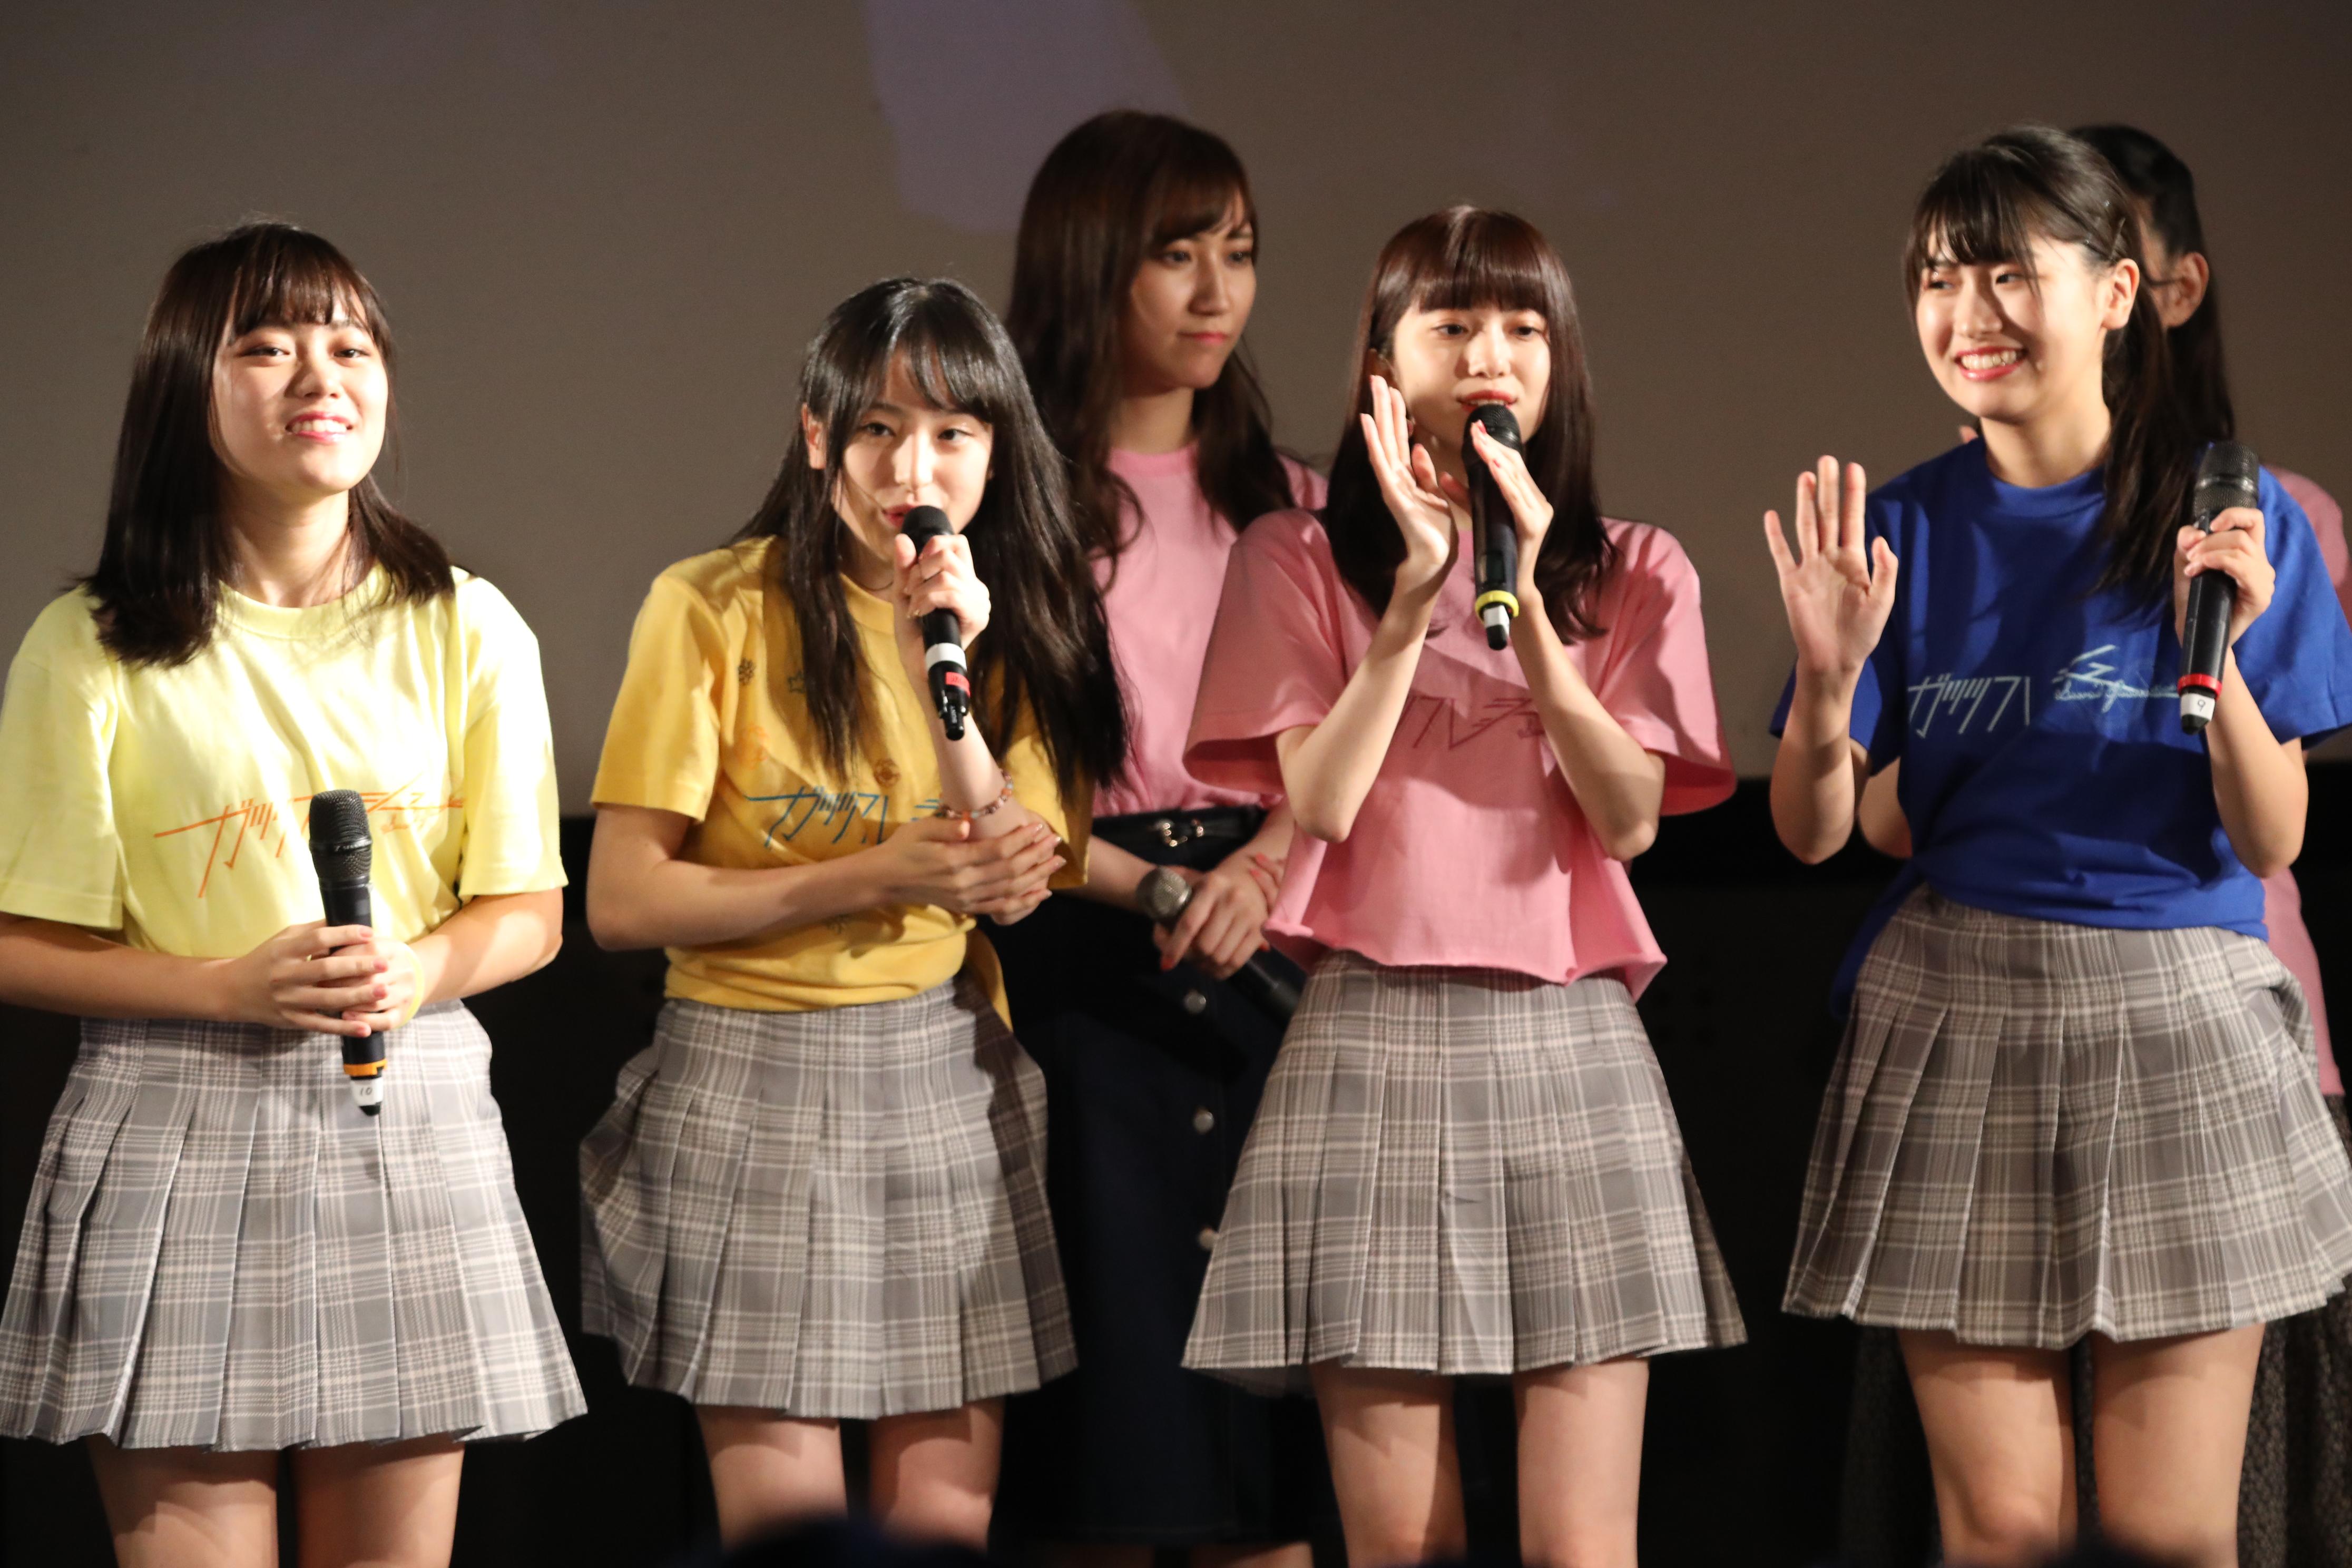 チーム8フレッシュメンバー(春本ゆき、川原美咲、寺田美咲、高橋彩香)